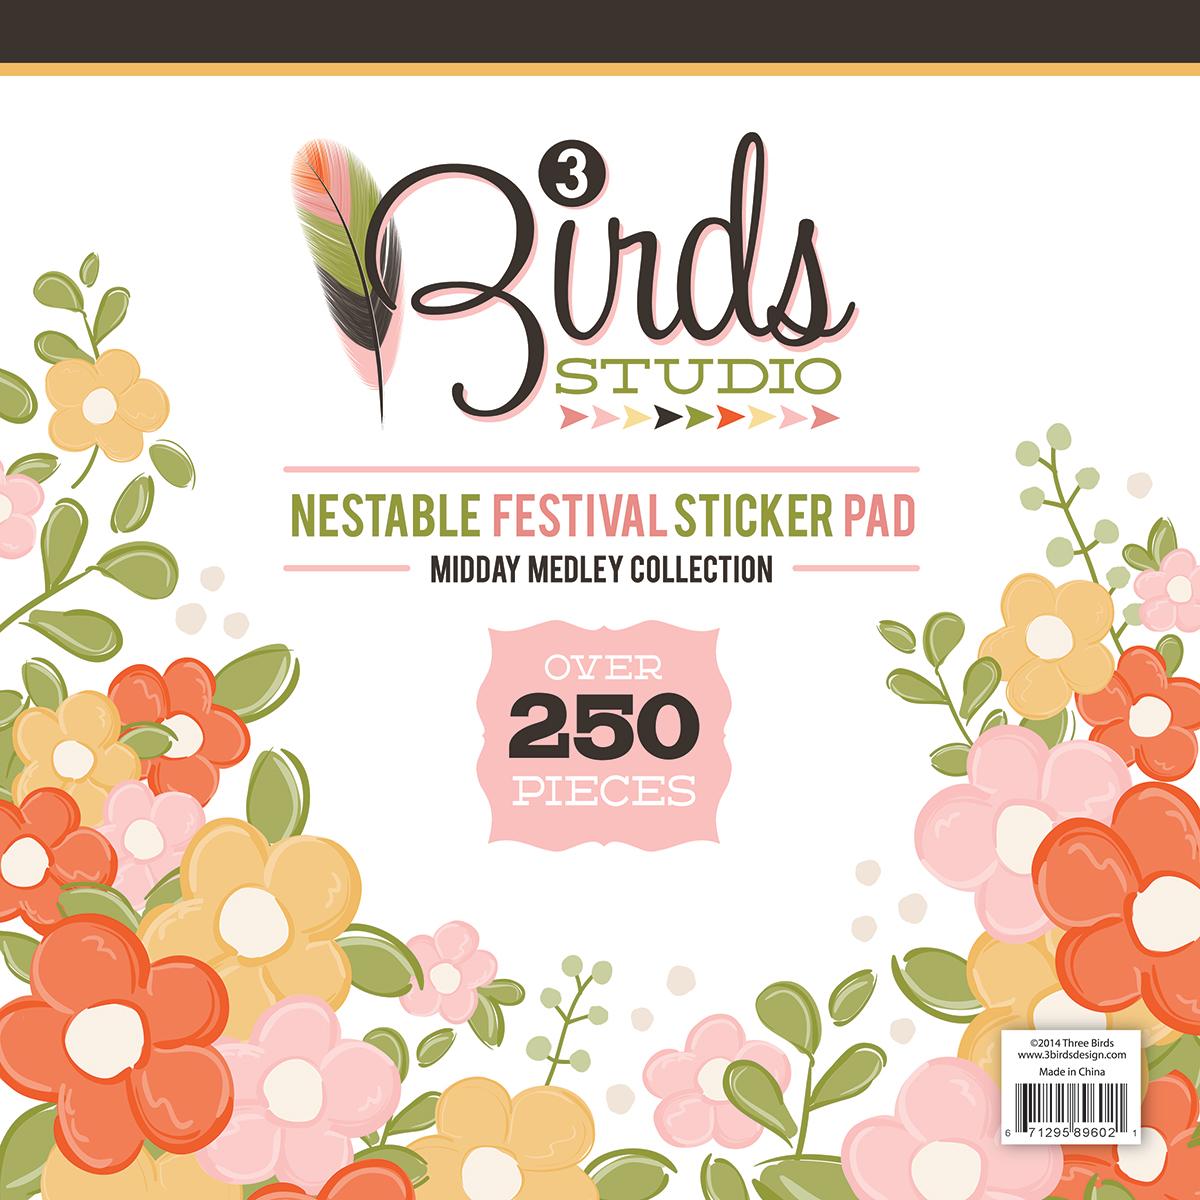 3 Birds Studio Midday Medley Nestable Festival Sticker Pad #3birdsdesign #middaymedley